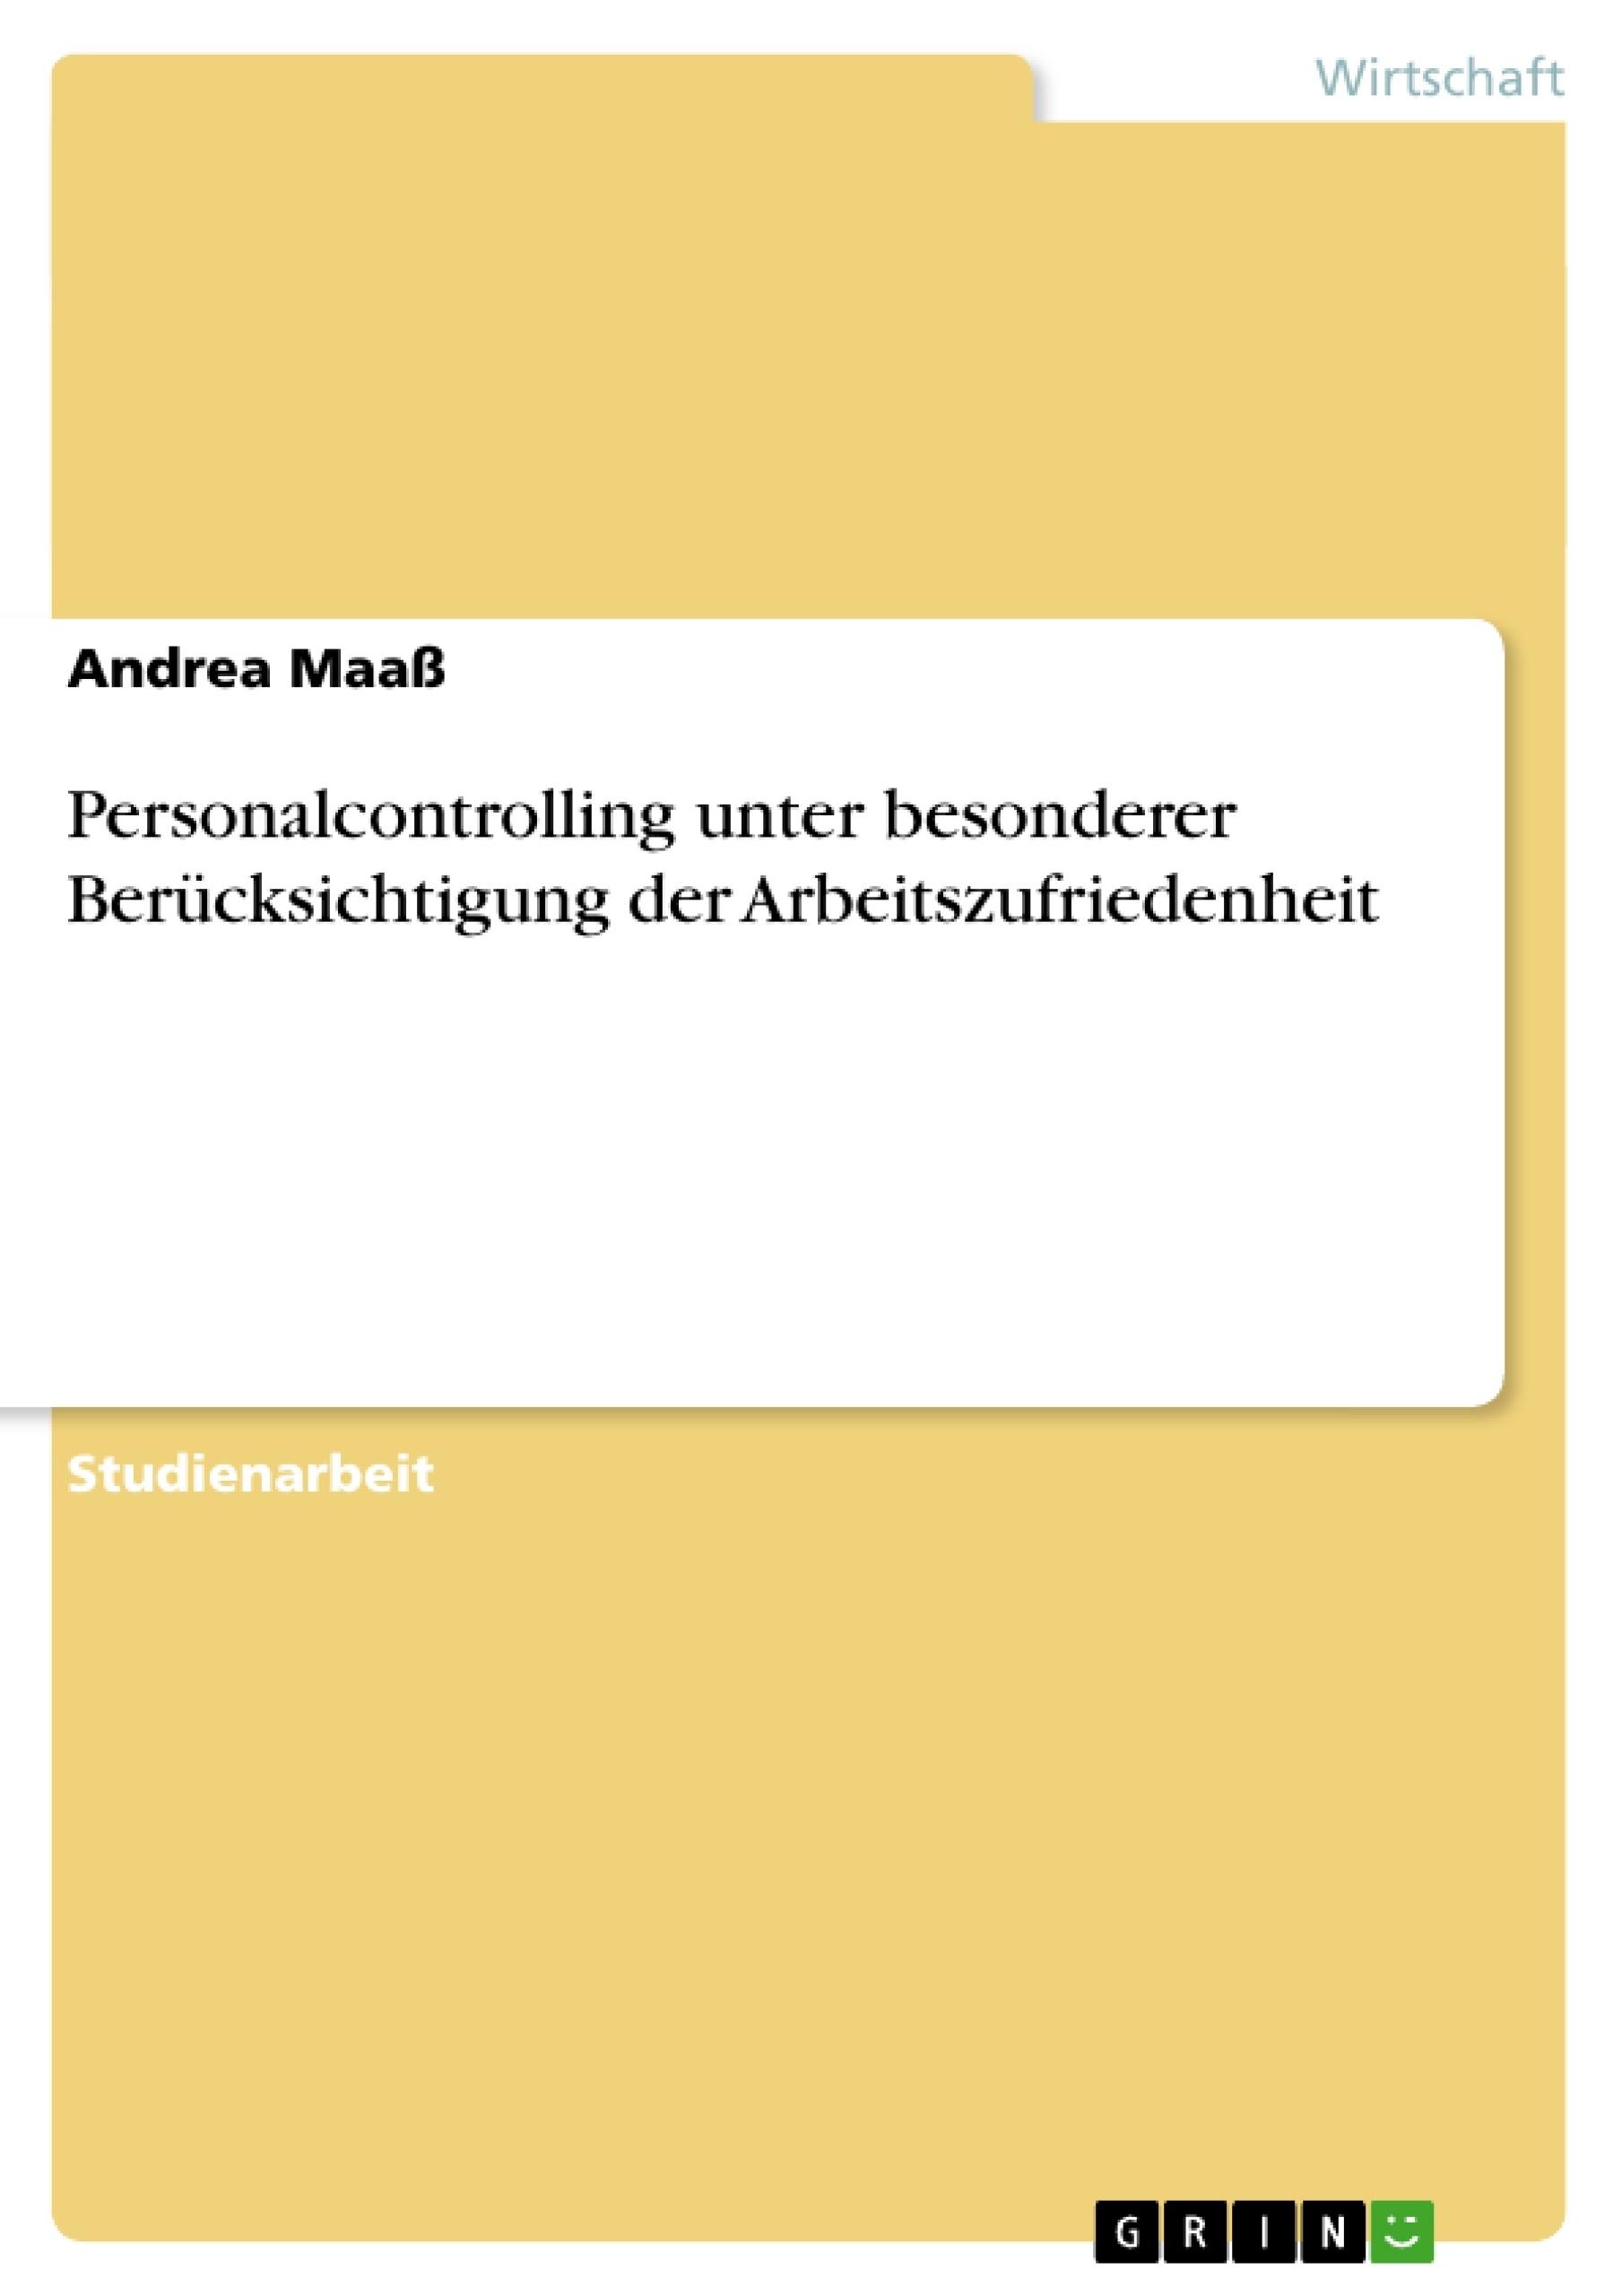 Titel: Personalcontrolling unter besonderer Berücksichtigung der Arbeitszufriedenheit